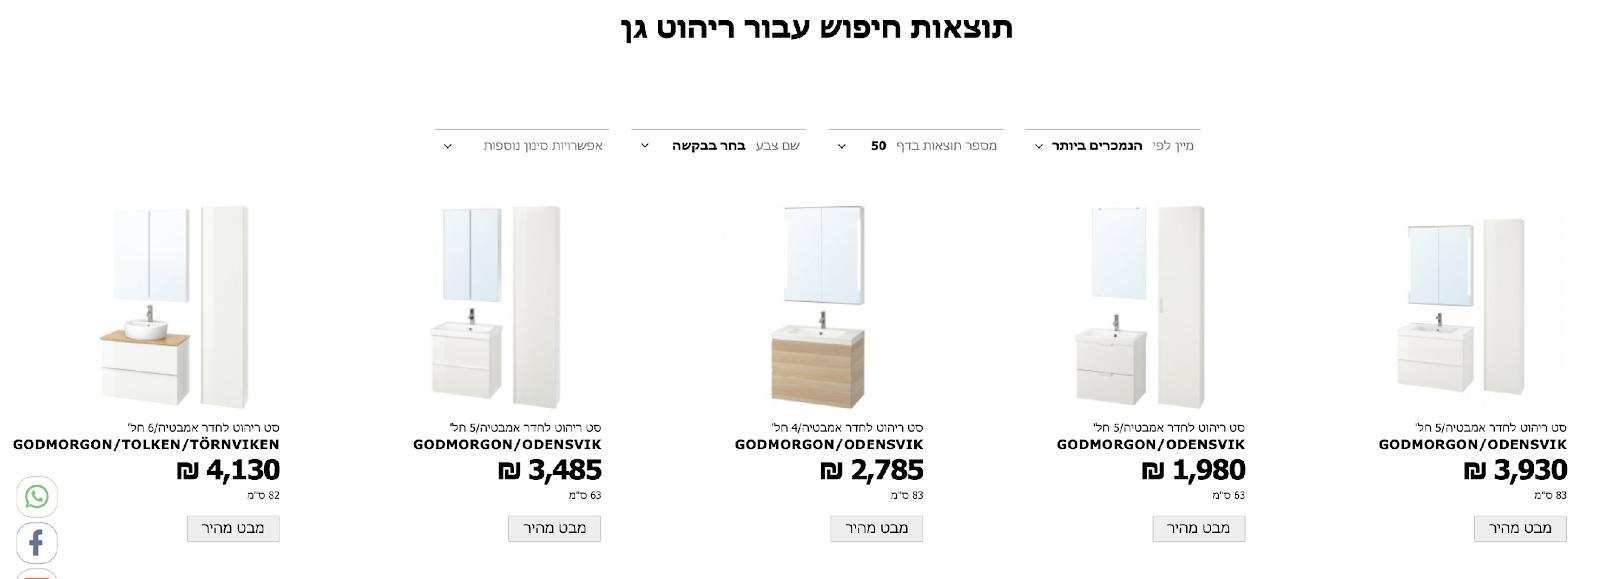 """תוצאות ראשונות לחיפוש """"ריהוט גן"""" באתר איקאה ישראל"""